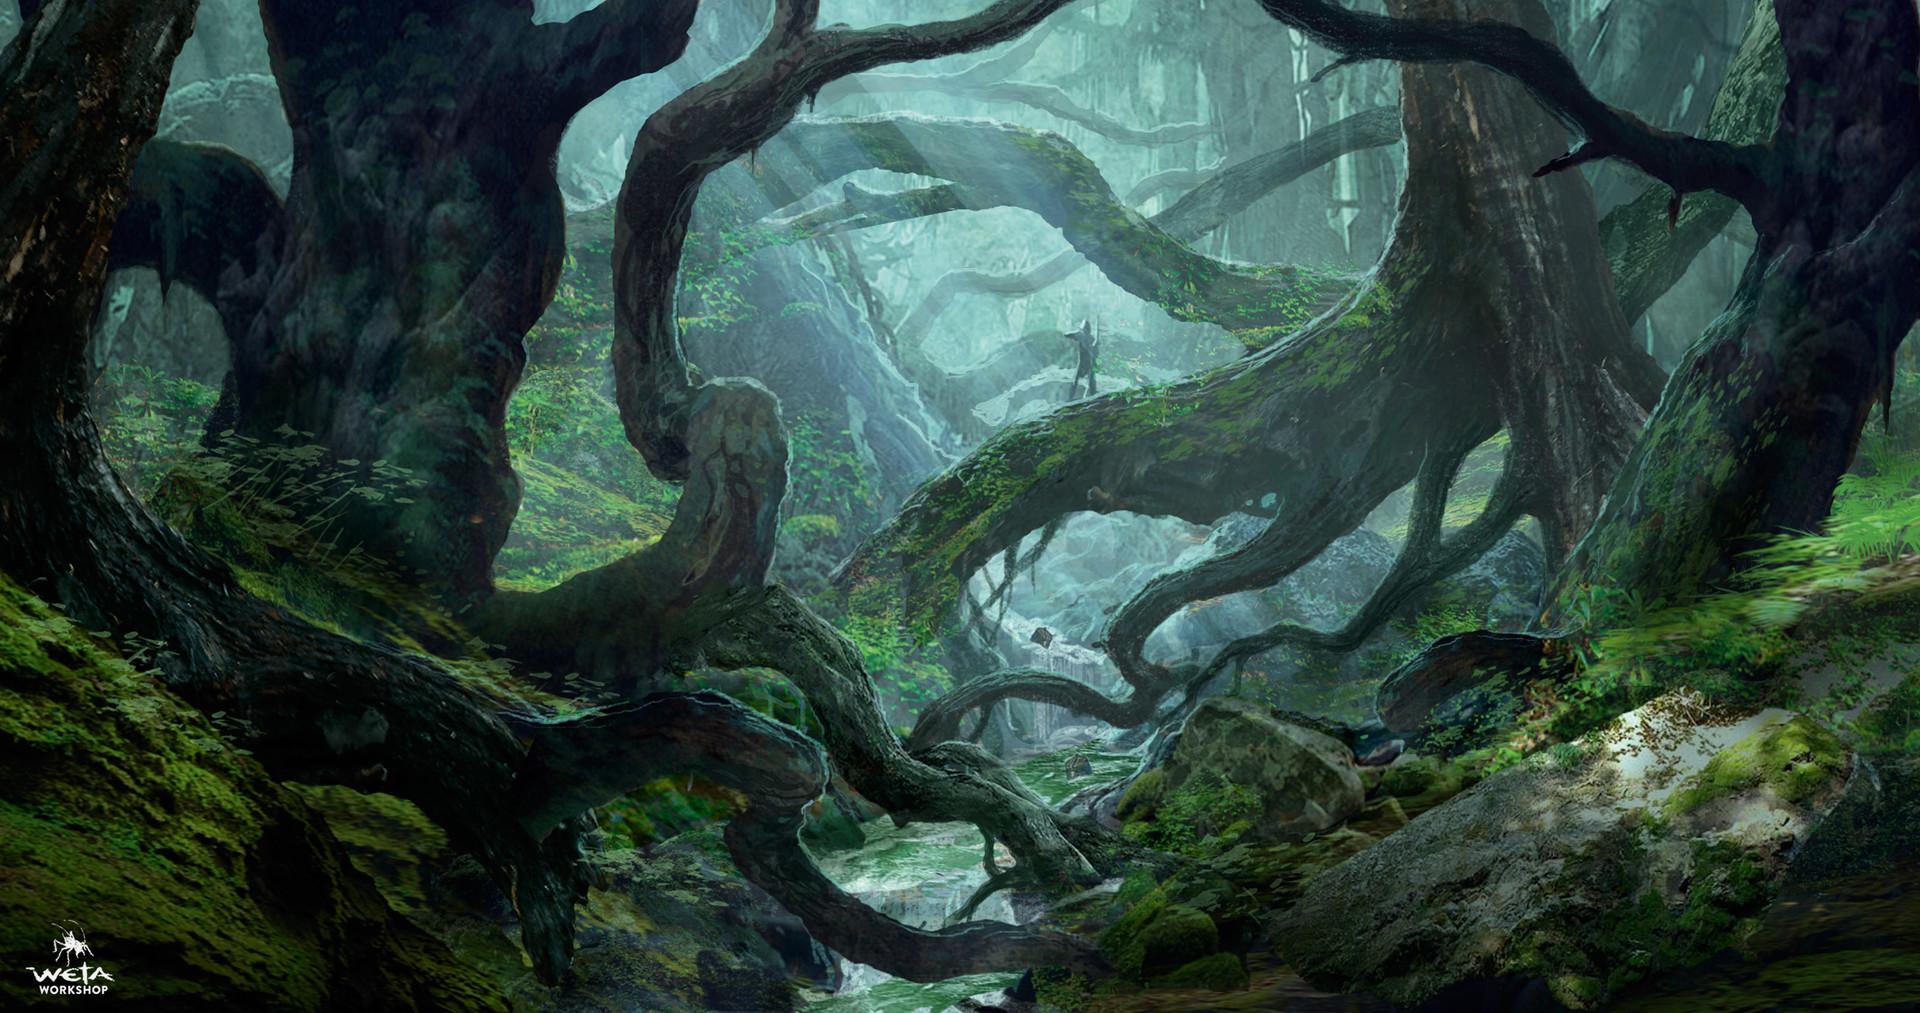 Resultado de imagen de the hobbit mirkwood forest